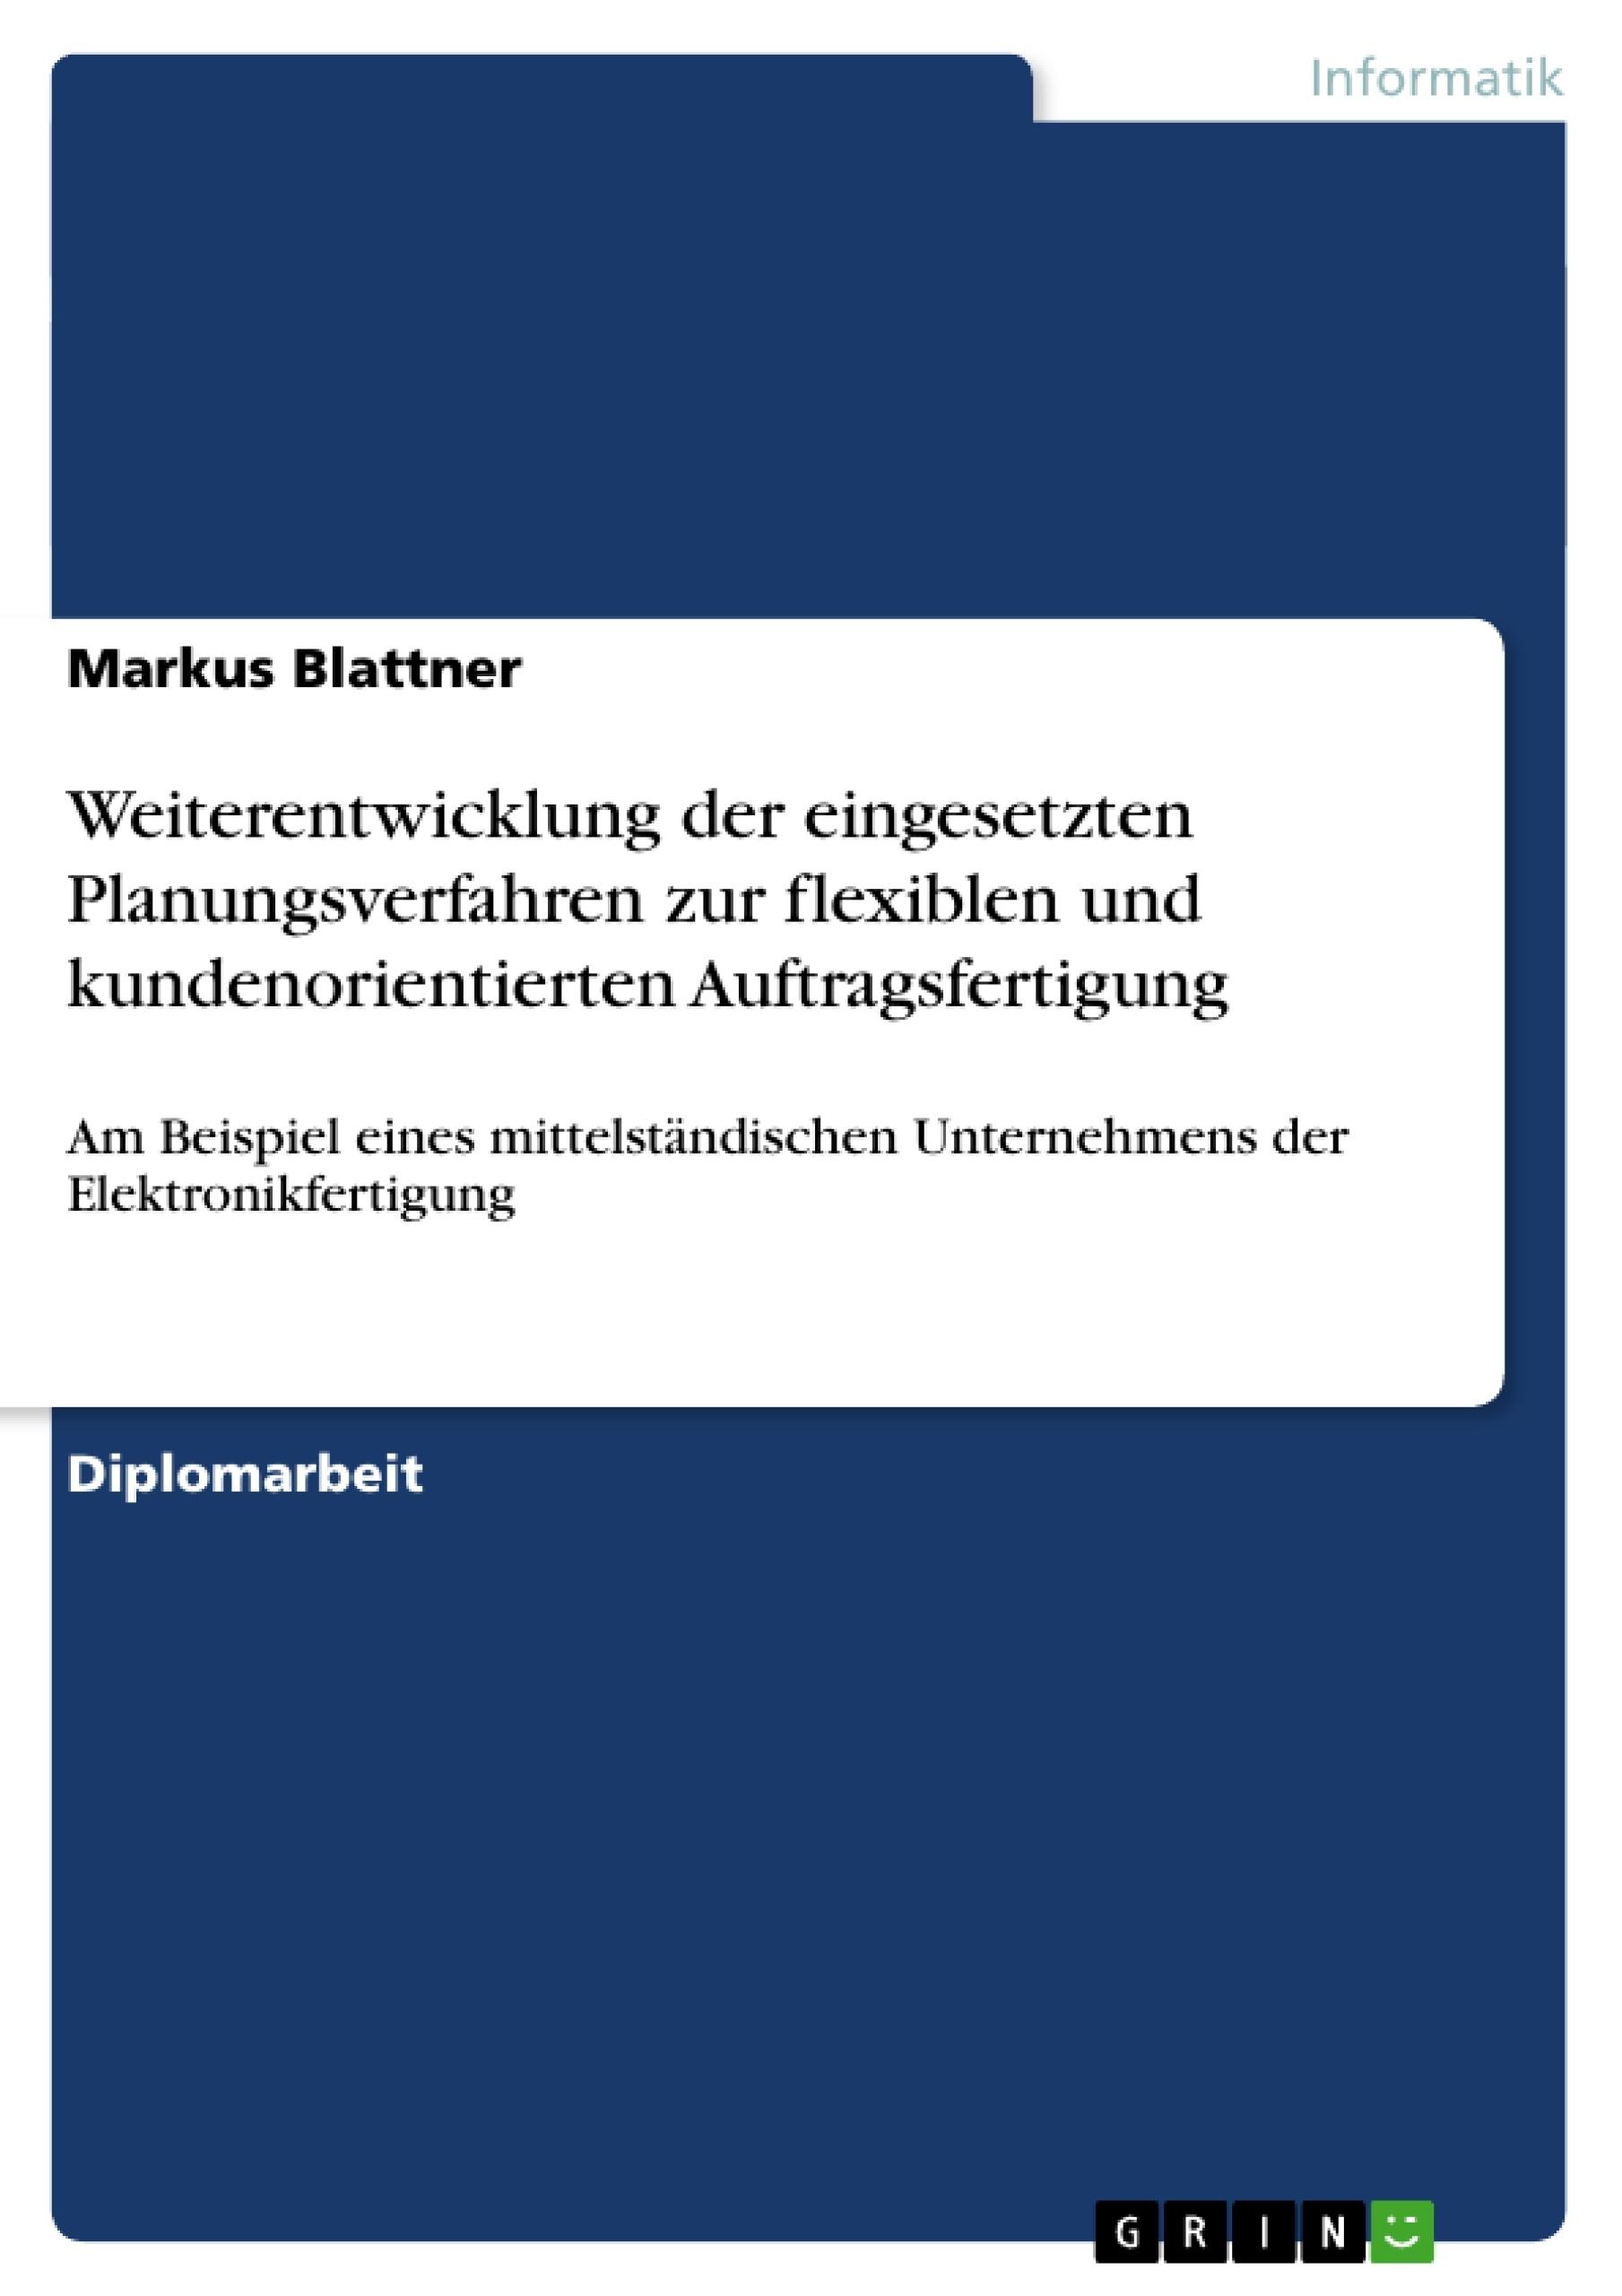 Titel: Weiterentwicklung der eingesetzten Planungsverfahren zur flexiblen und kundenorientierten Auftragsfertigung